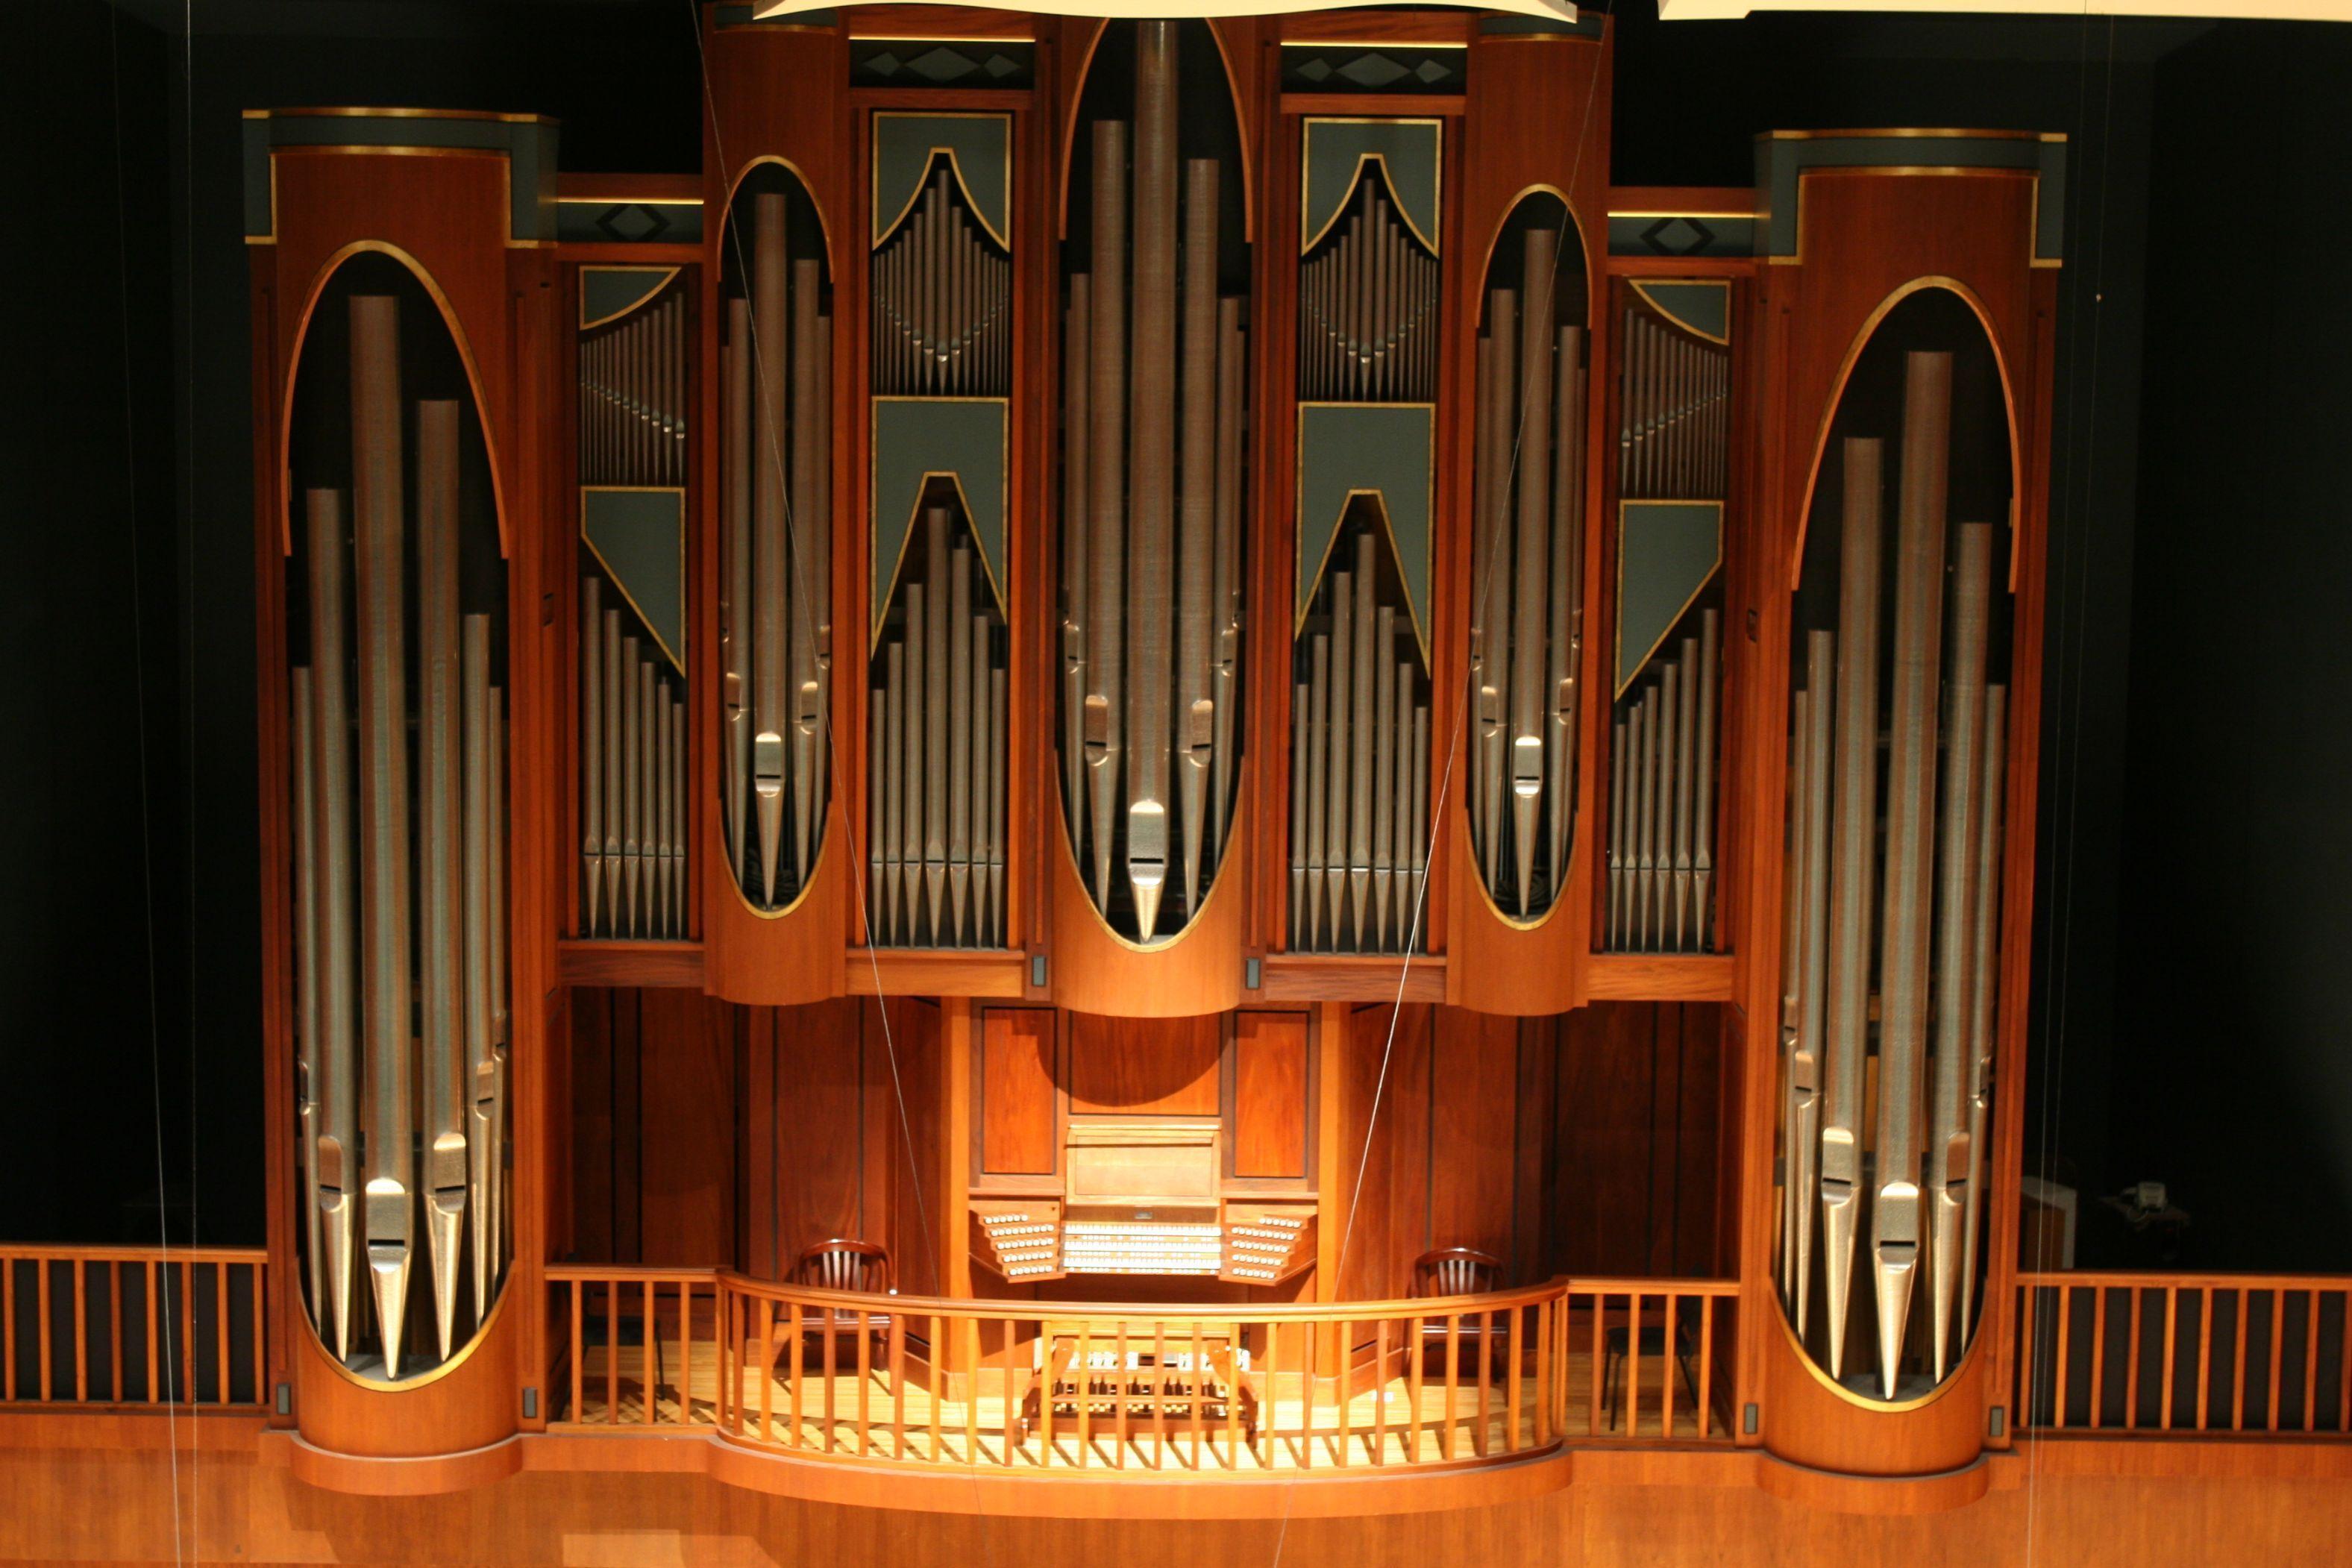 Муз инструмент орган картинки